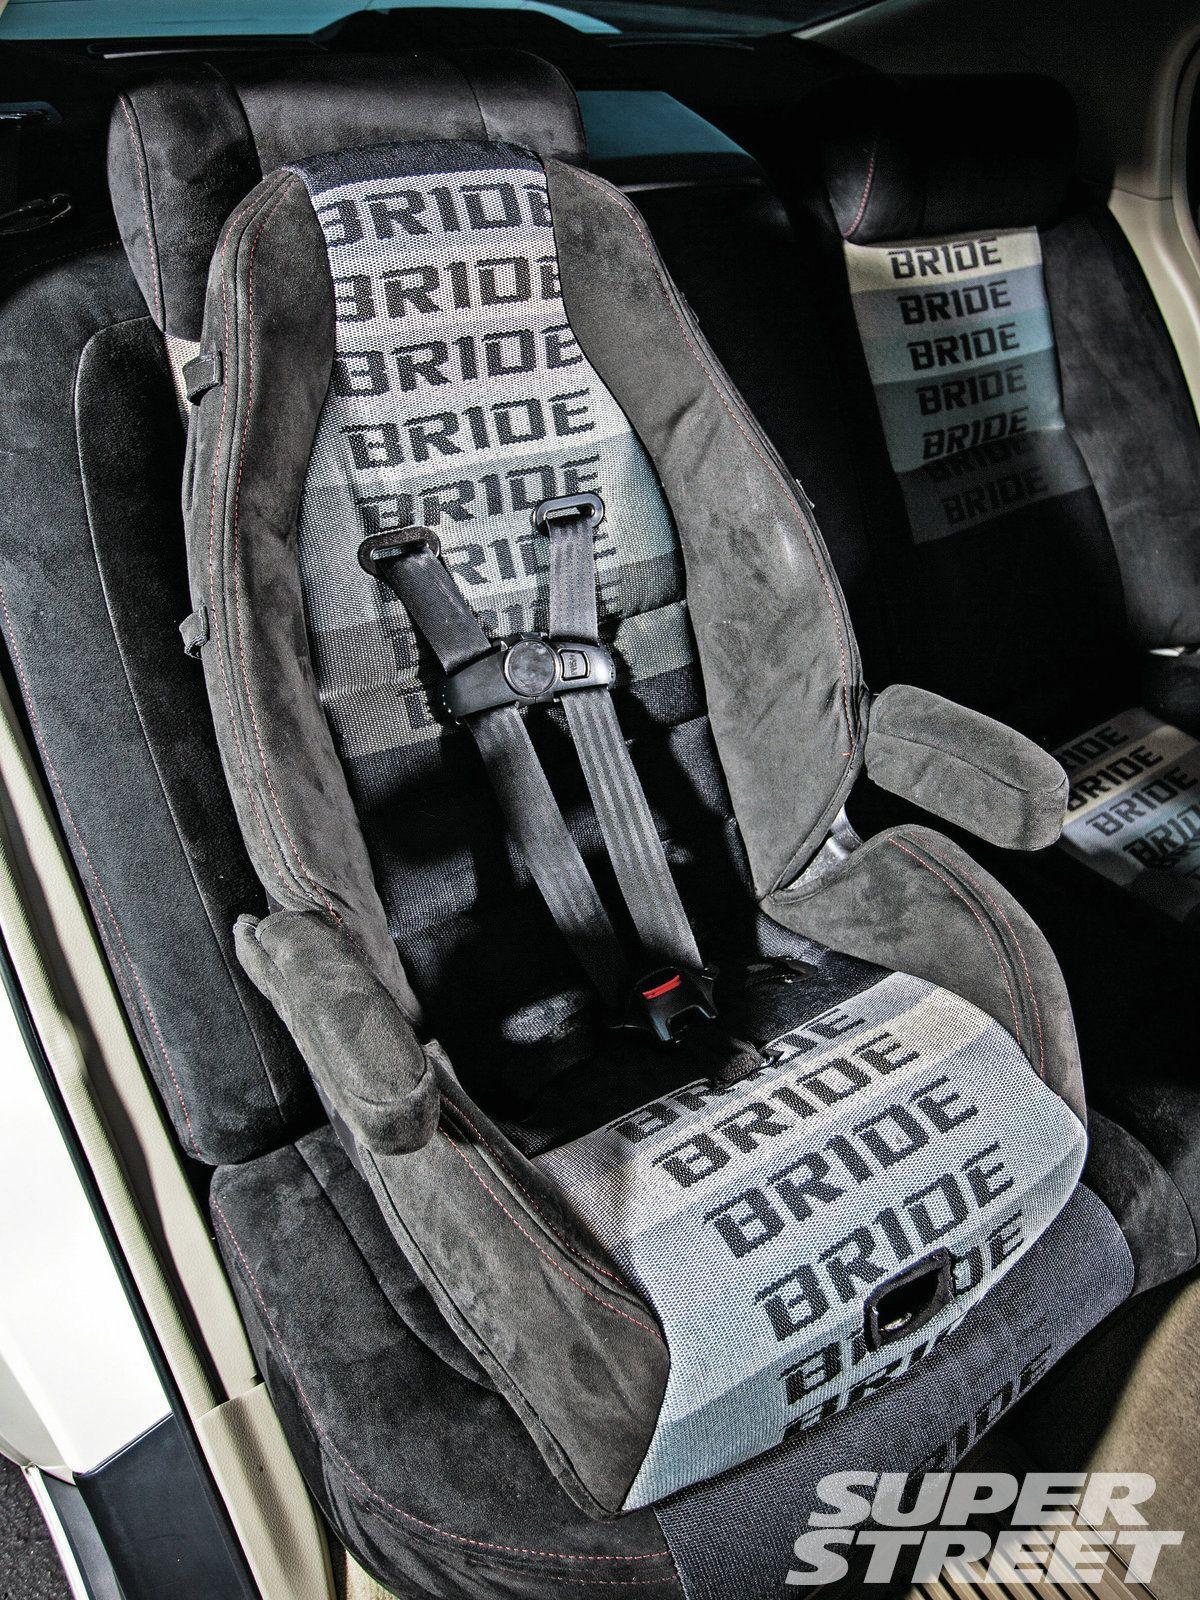 Bride Baby Seat Nie Dostpne S Bridey W